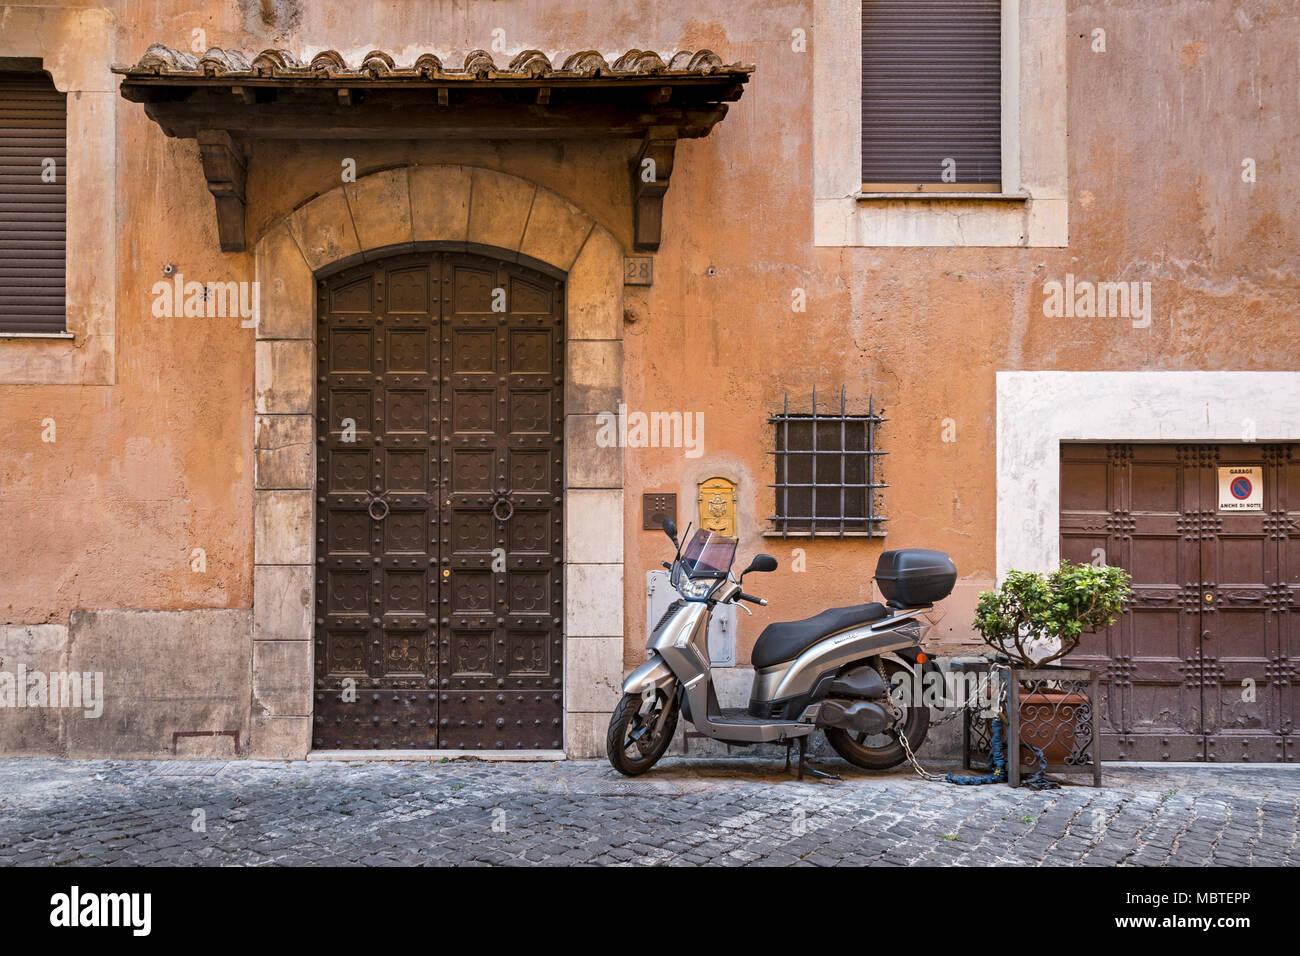 Is The Front Door Big Or The Garage Door Small A Residential Street